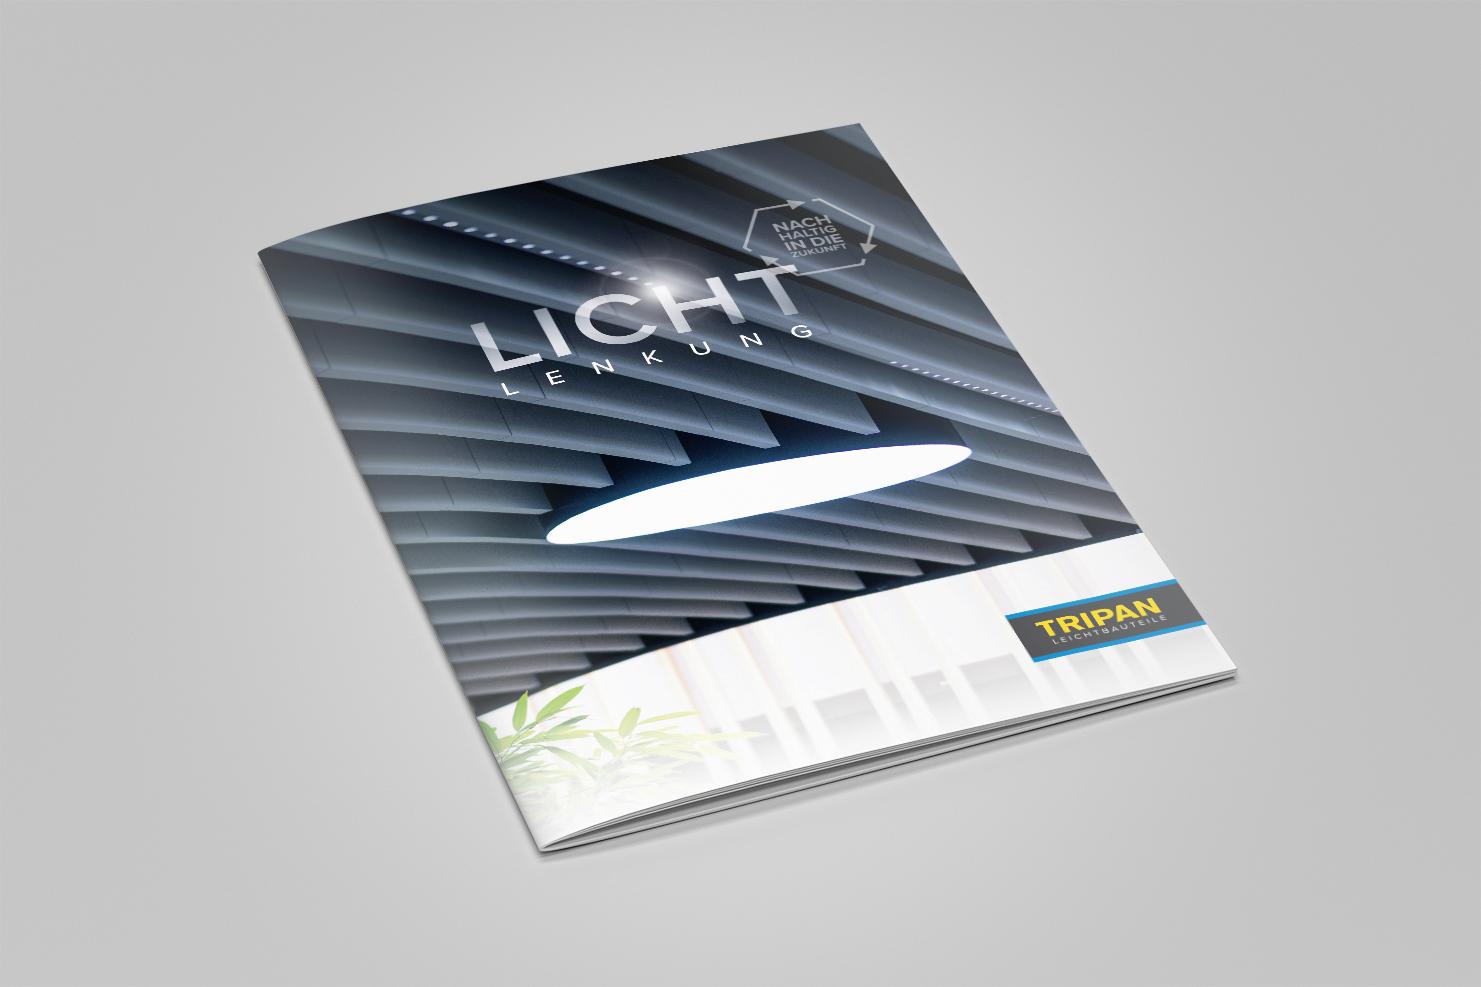 broschüre-titelseite-tripan-b2-werbeagentur